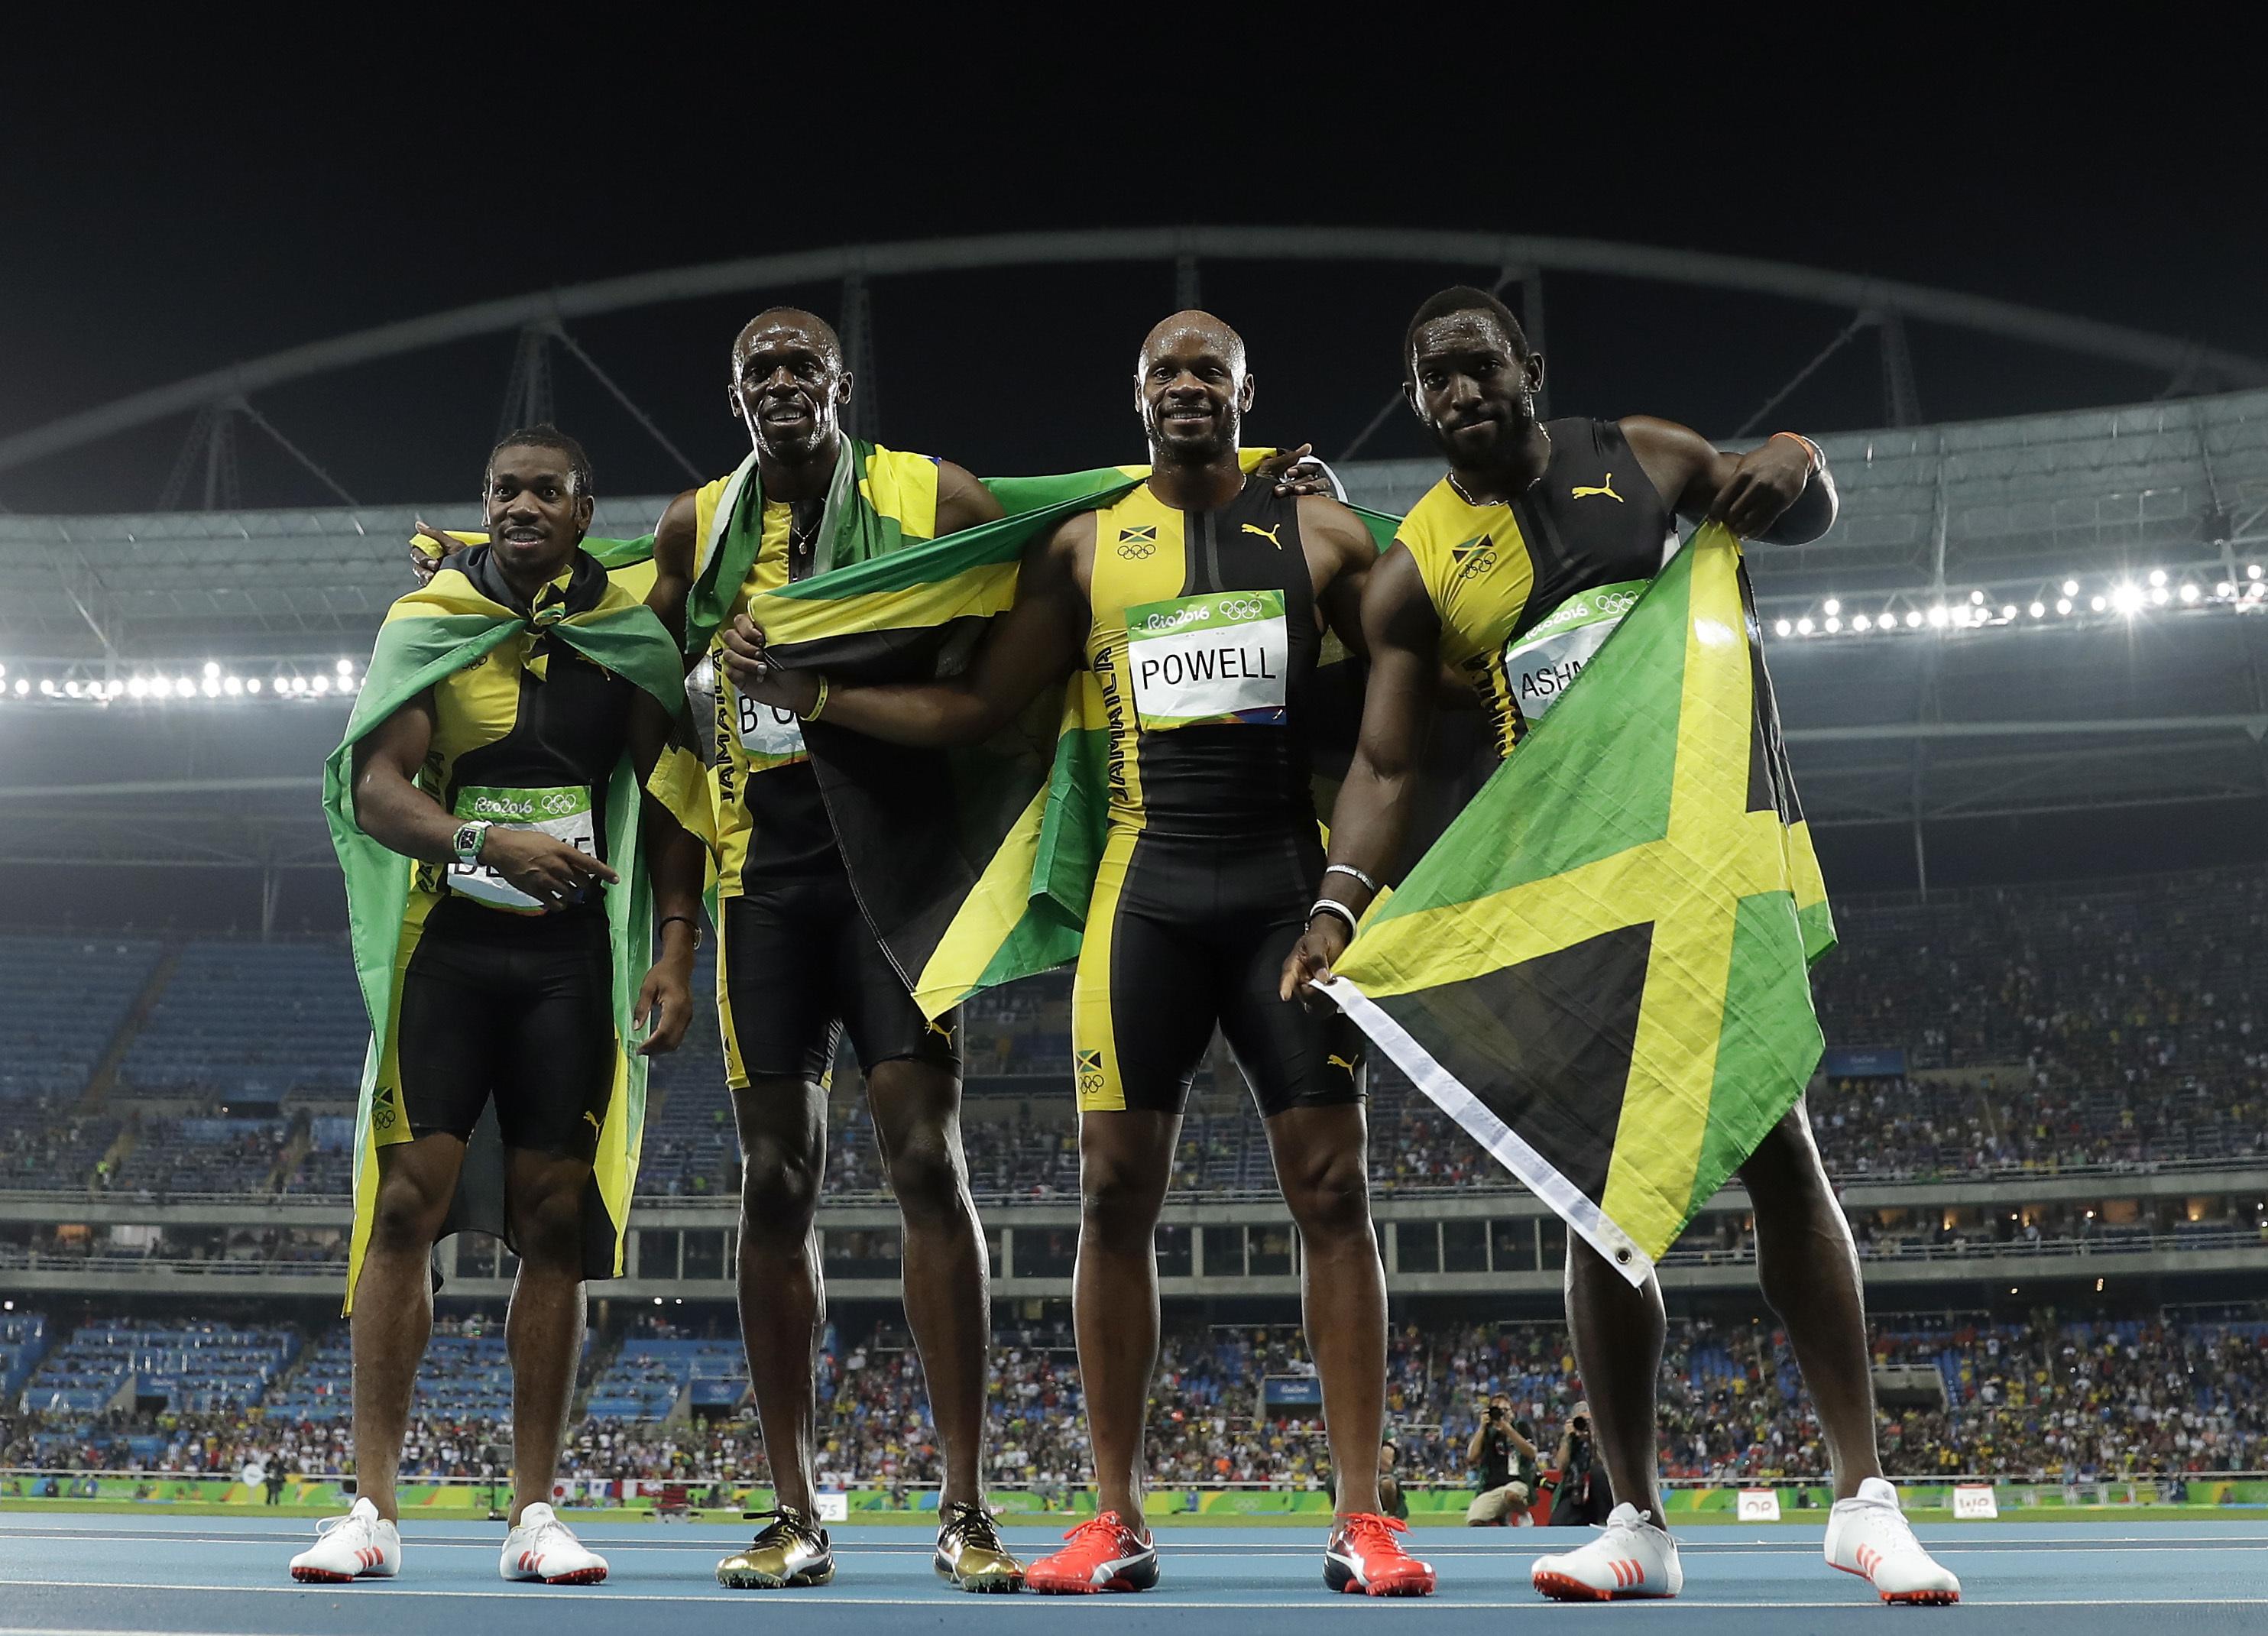 牙買加在里約奧運男子400公尺賽跑奪金。(美聯社)